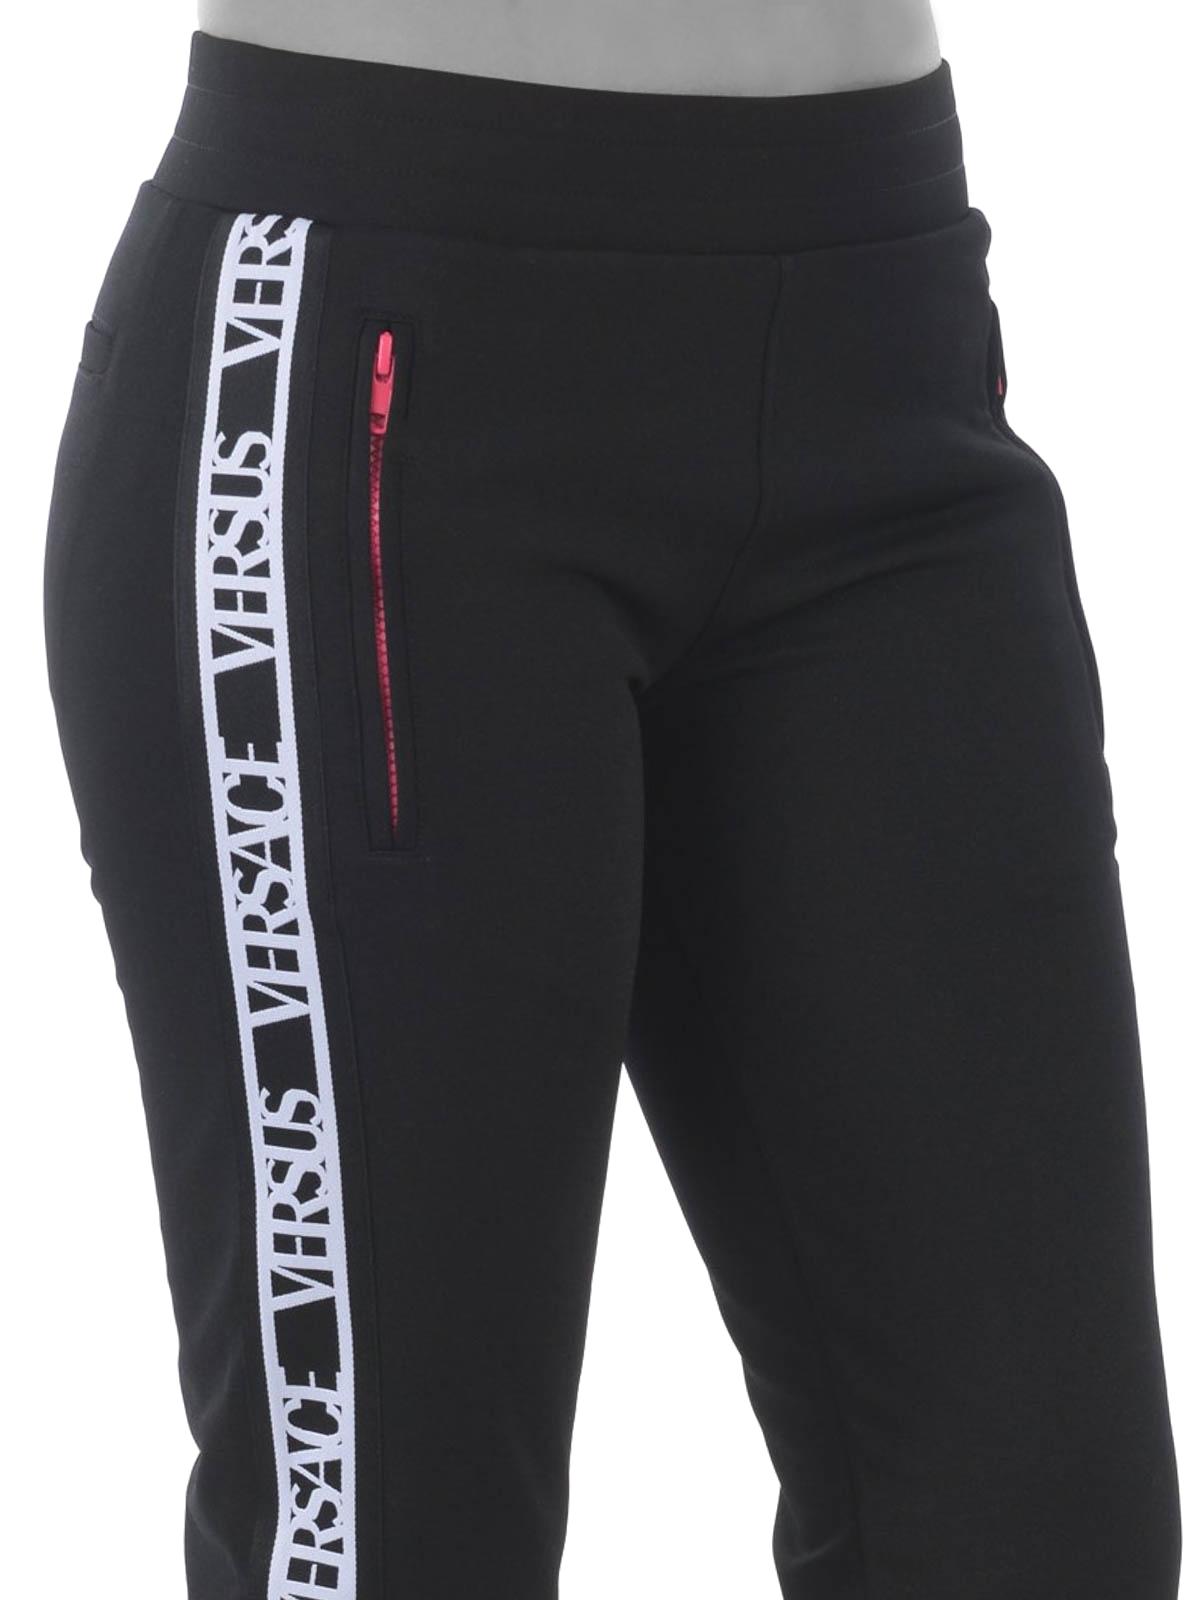 BNWT Men/'s black Jogging Bottom Versace Versus Authentic Medium M